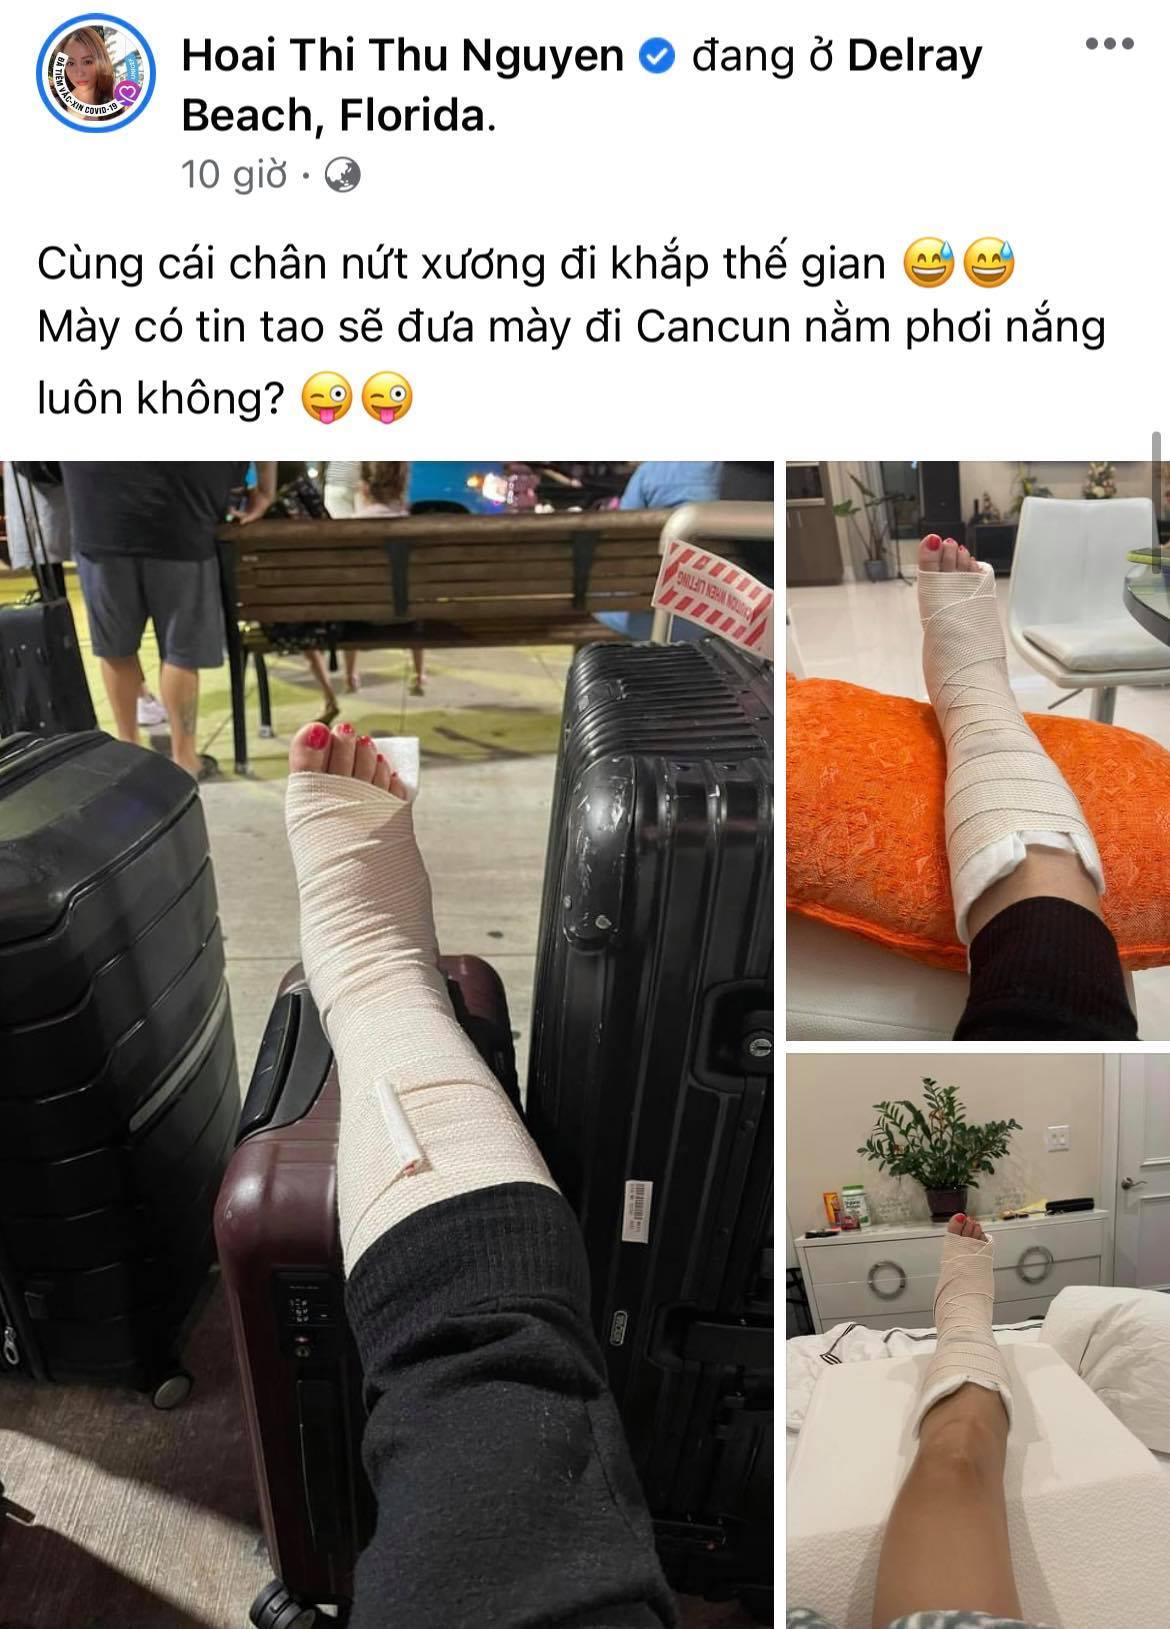 Hoa hậu Thu Hoài gặp chấn thương nghiêm trọng ở Mỹ, Hari Won - Mai Hồ cùng dàn sao Việt đồng loạt lo lắng hỏi thăm - Ảnh 1